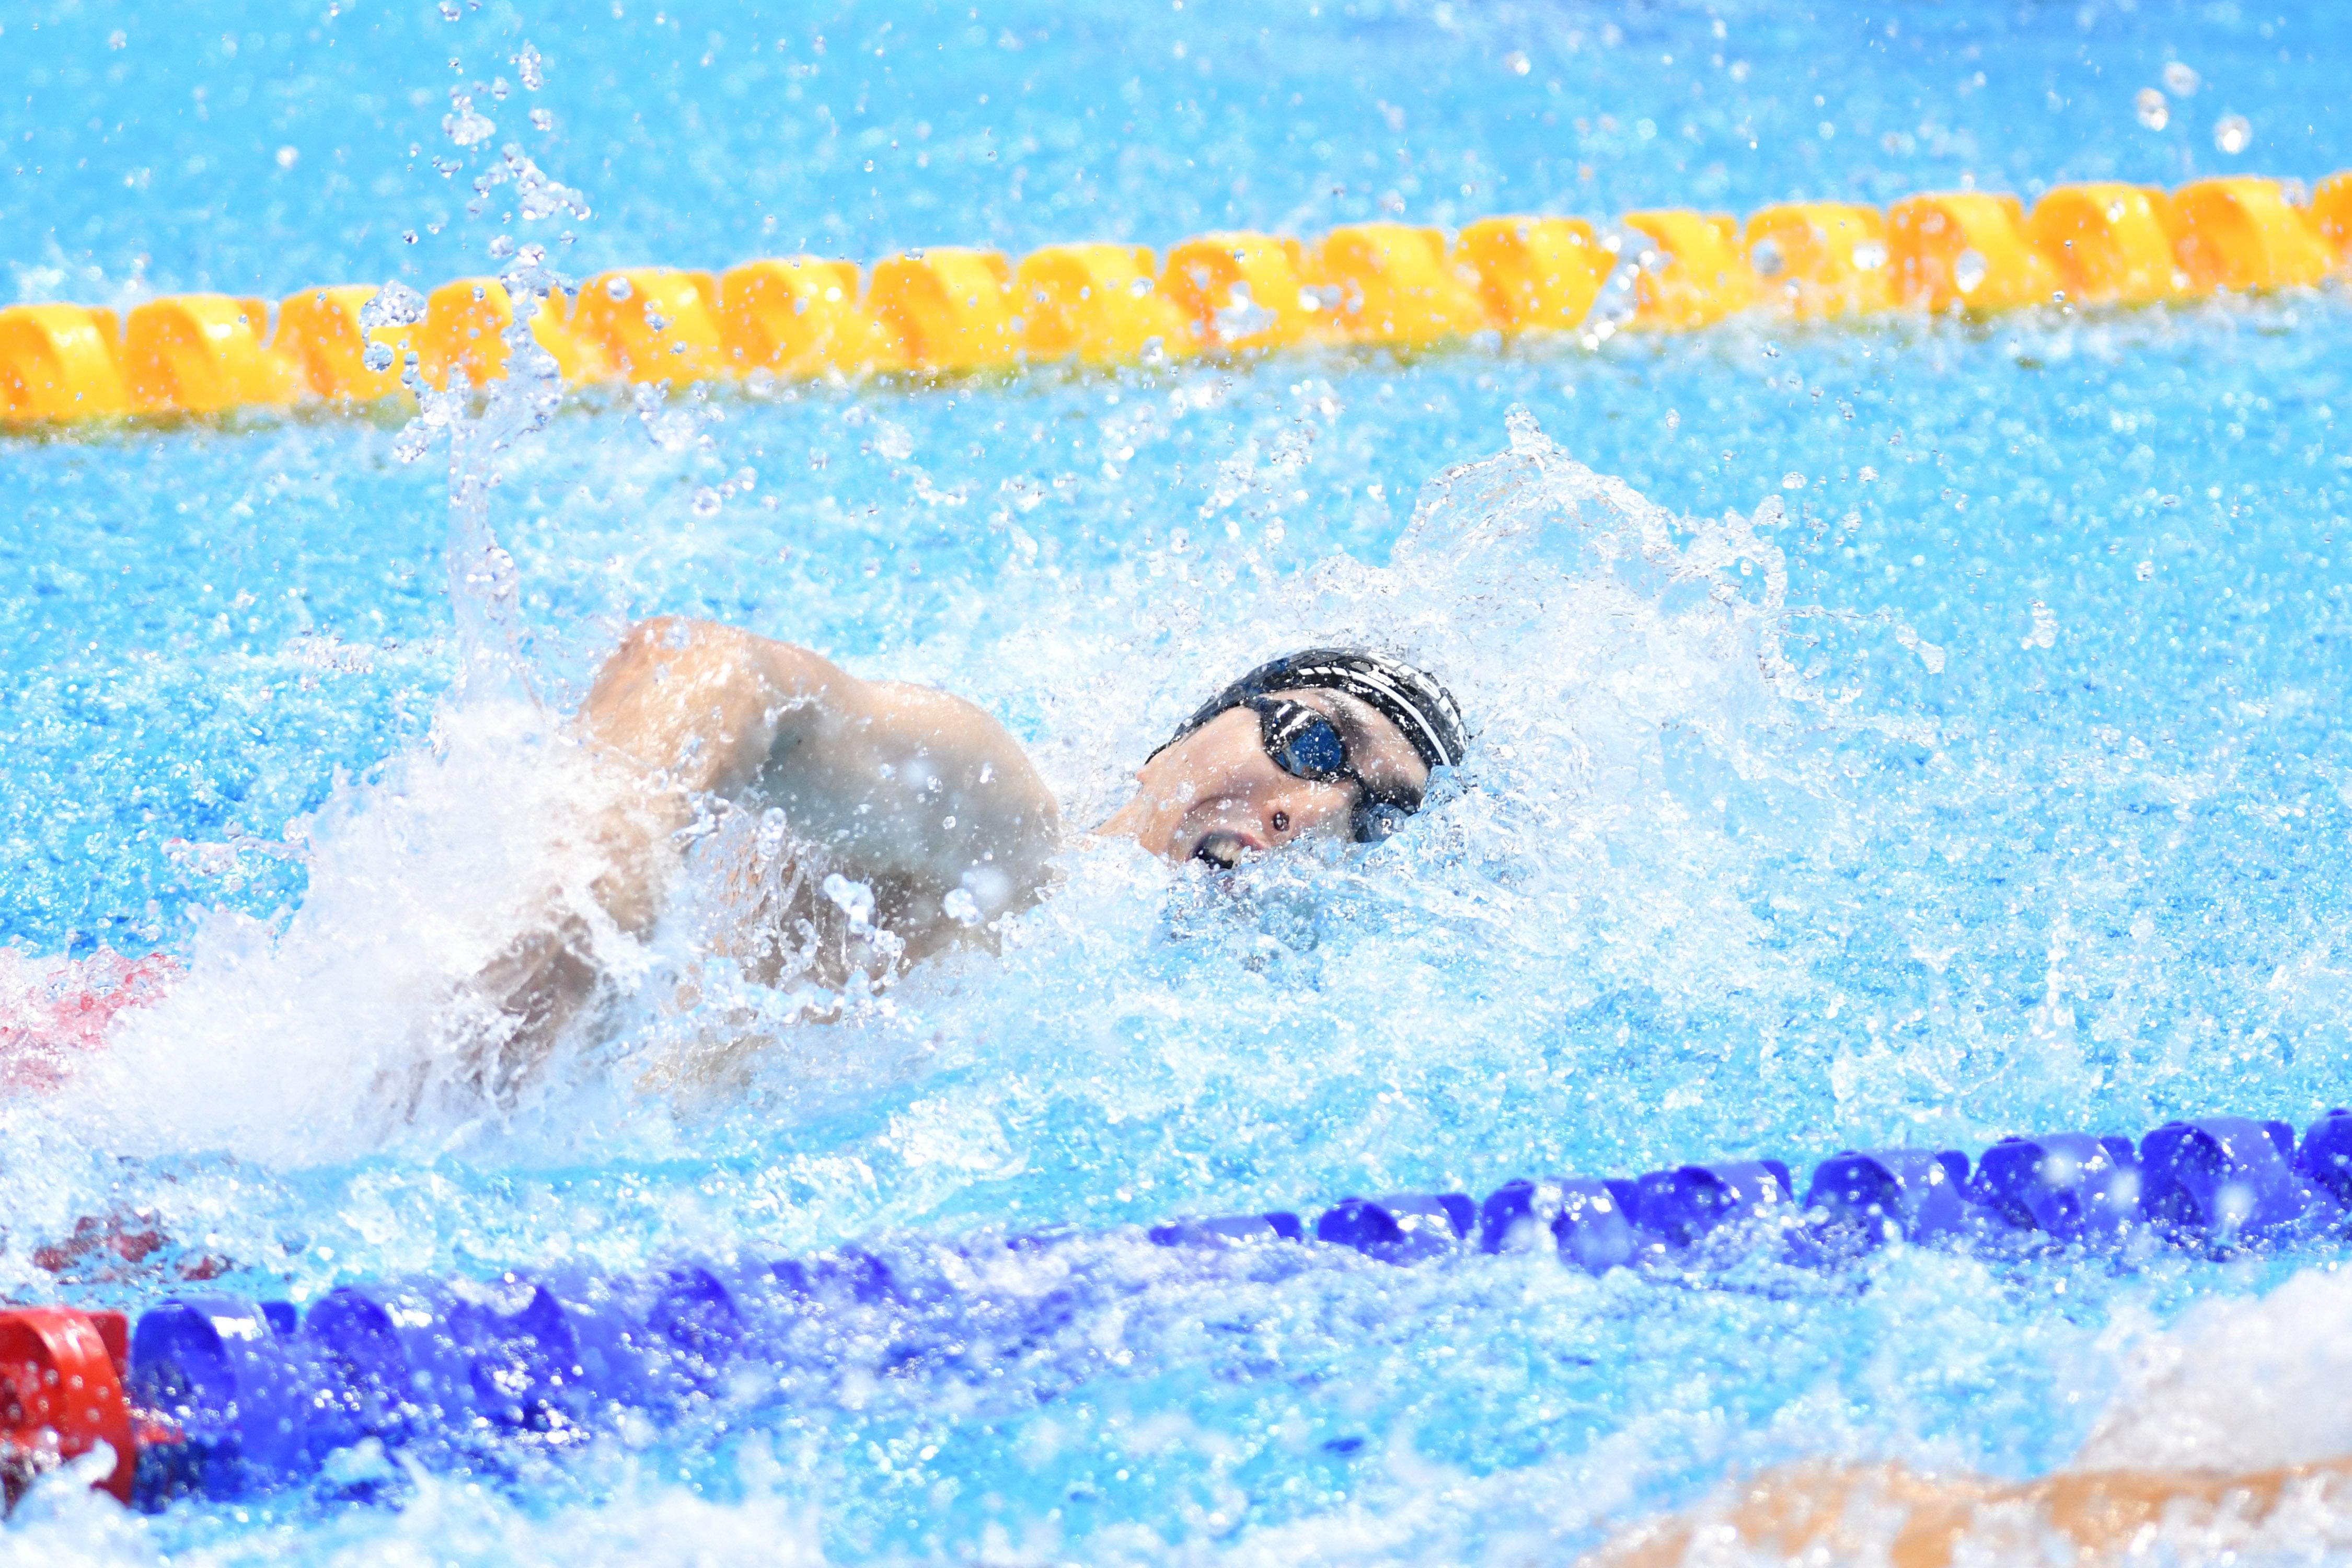 最終日。9人中7人が決勝へ進出。中村智太郎が日本チームへ合流。~London2019パラ水泳世界選手権 DAY7(予選速報)